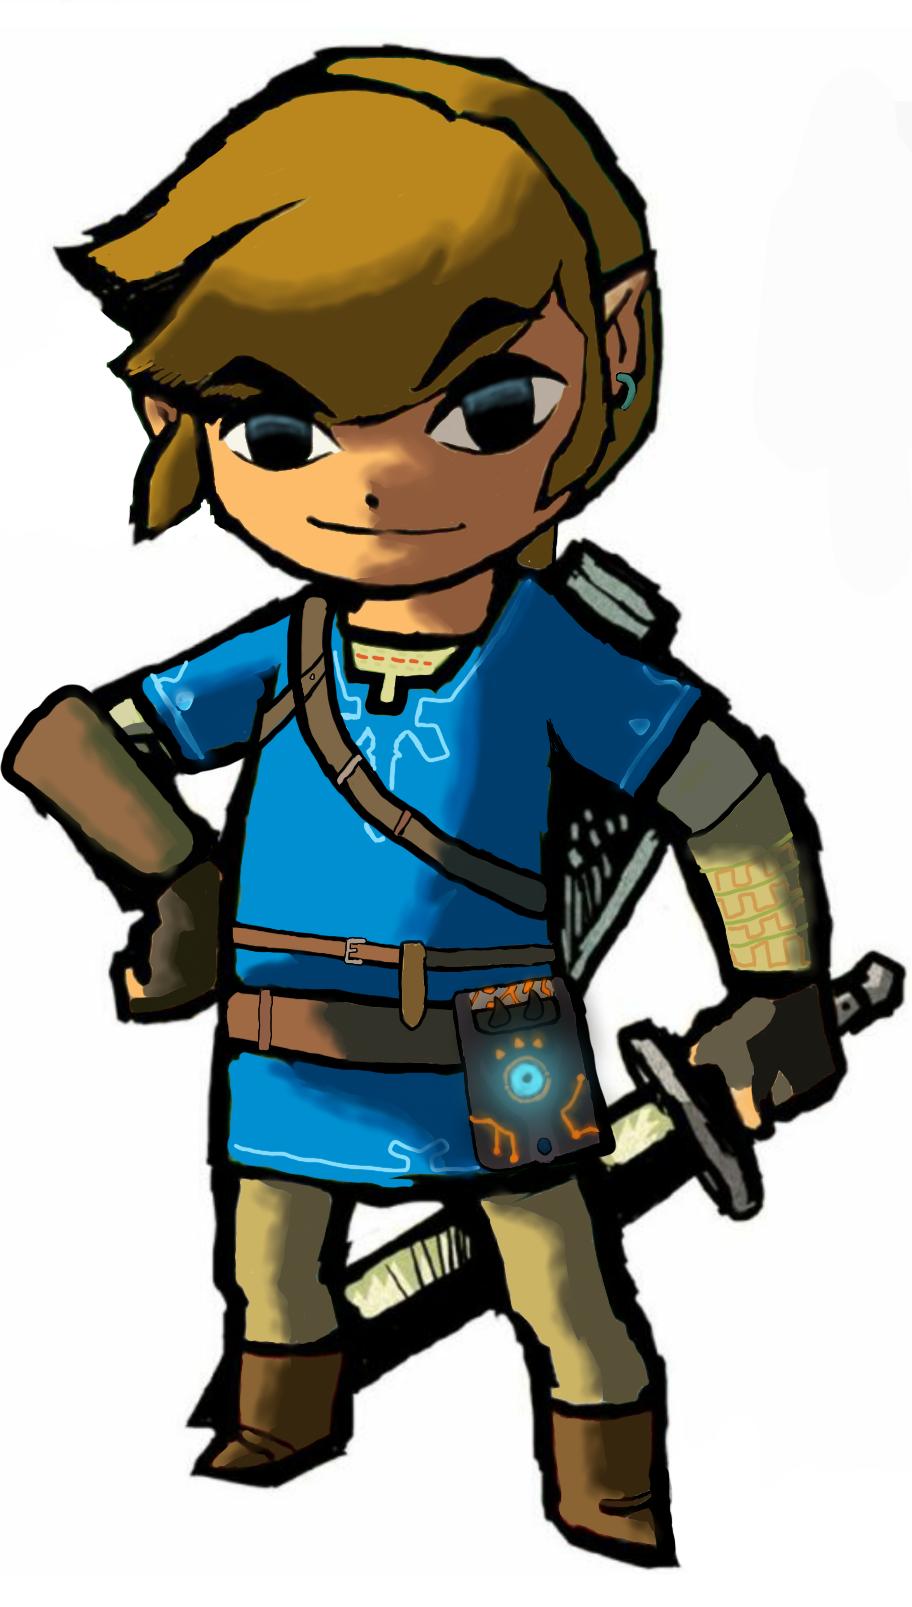 Toon Botw Link The Legend Of Zelda Breath Of The Wild Legend Of Zelda Breath Of The Wild Legend